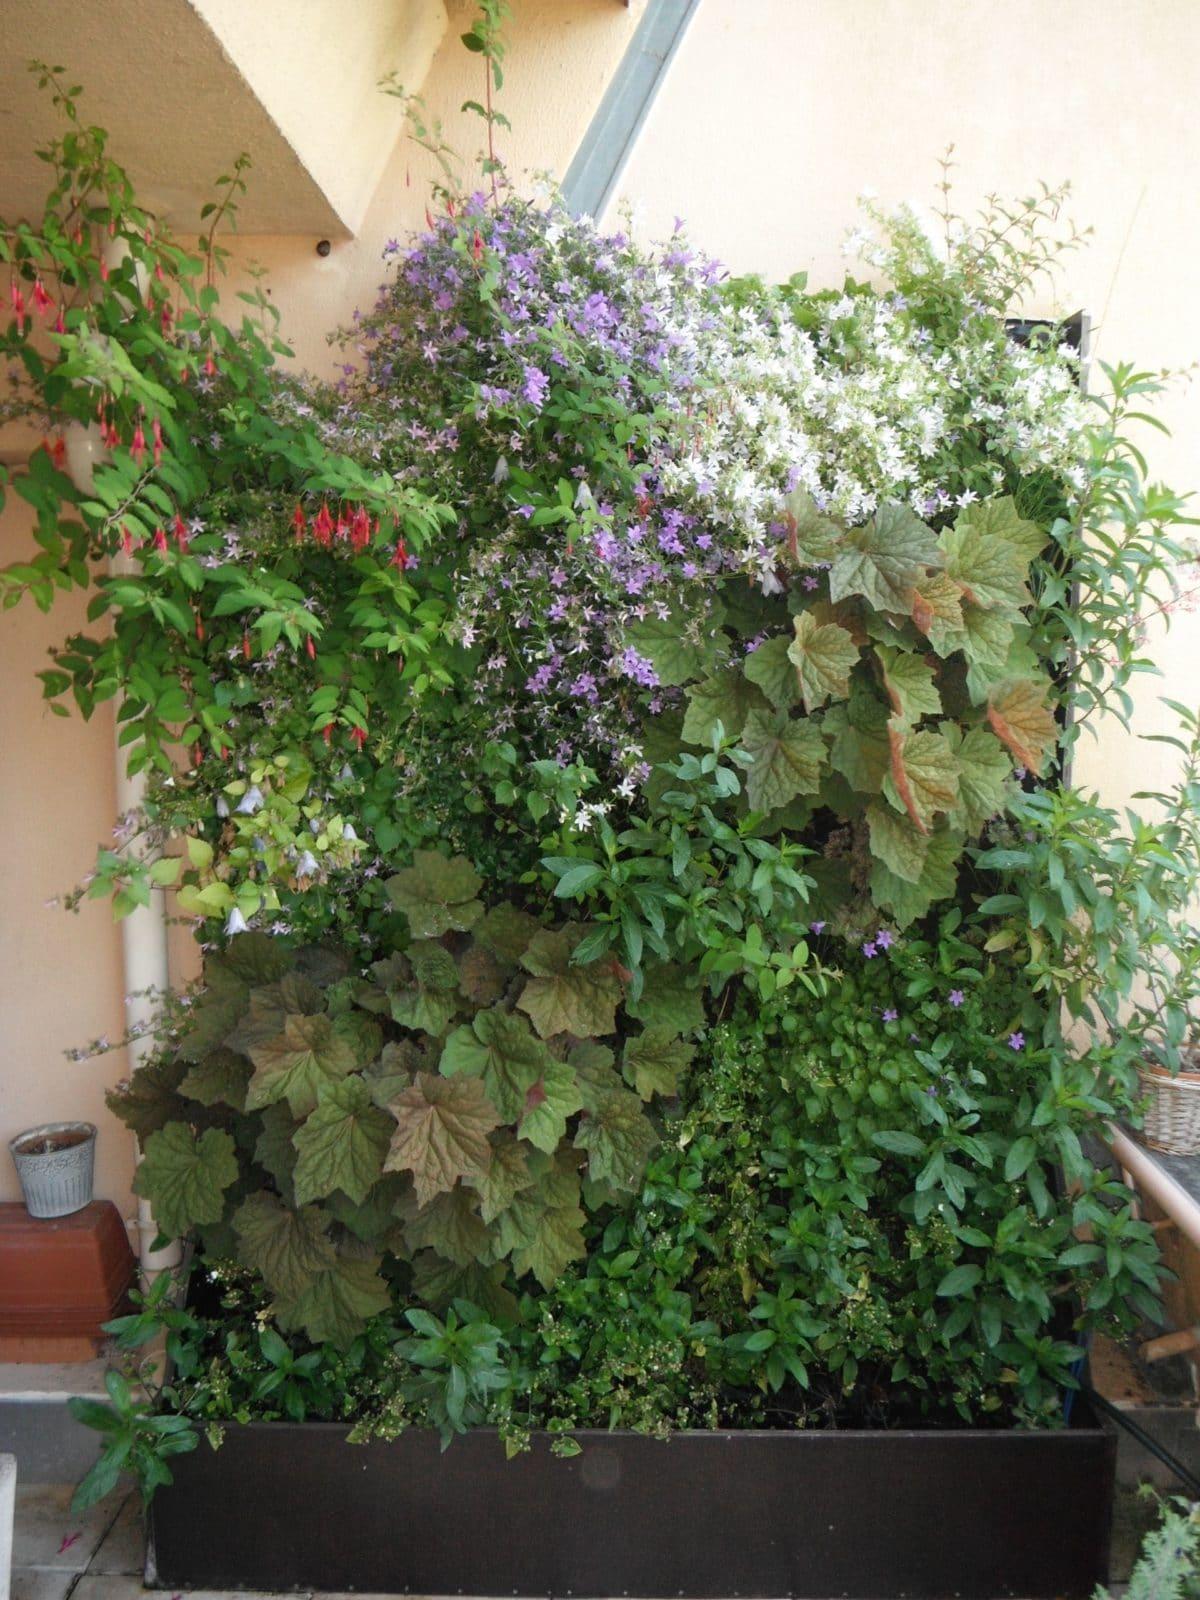 Jardin vertical sur un balcon à Nantes